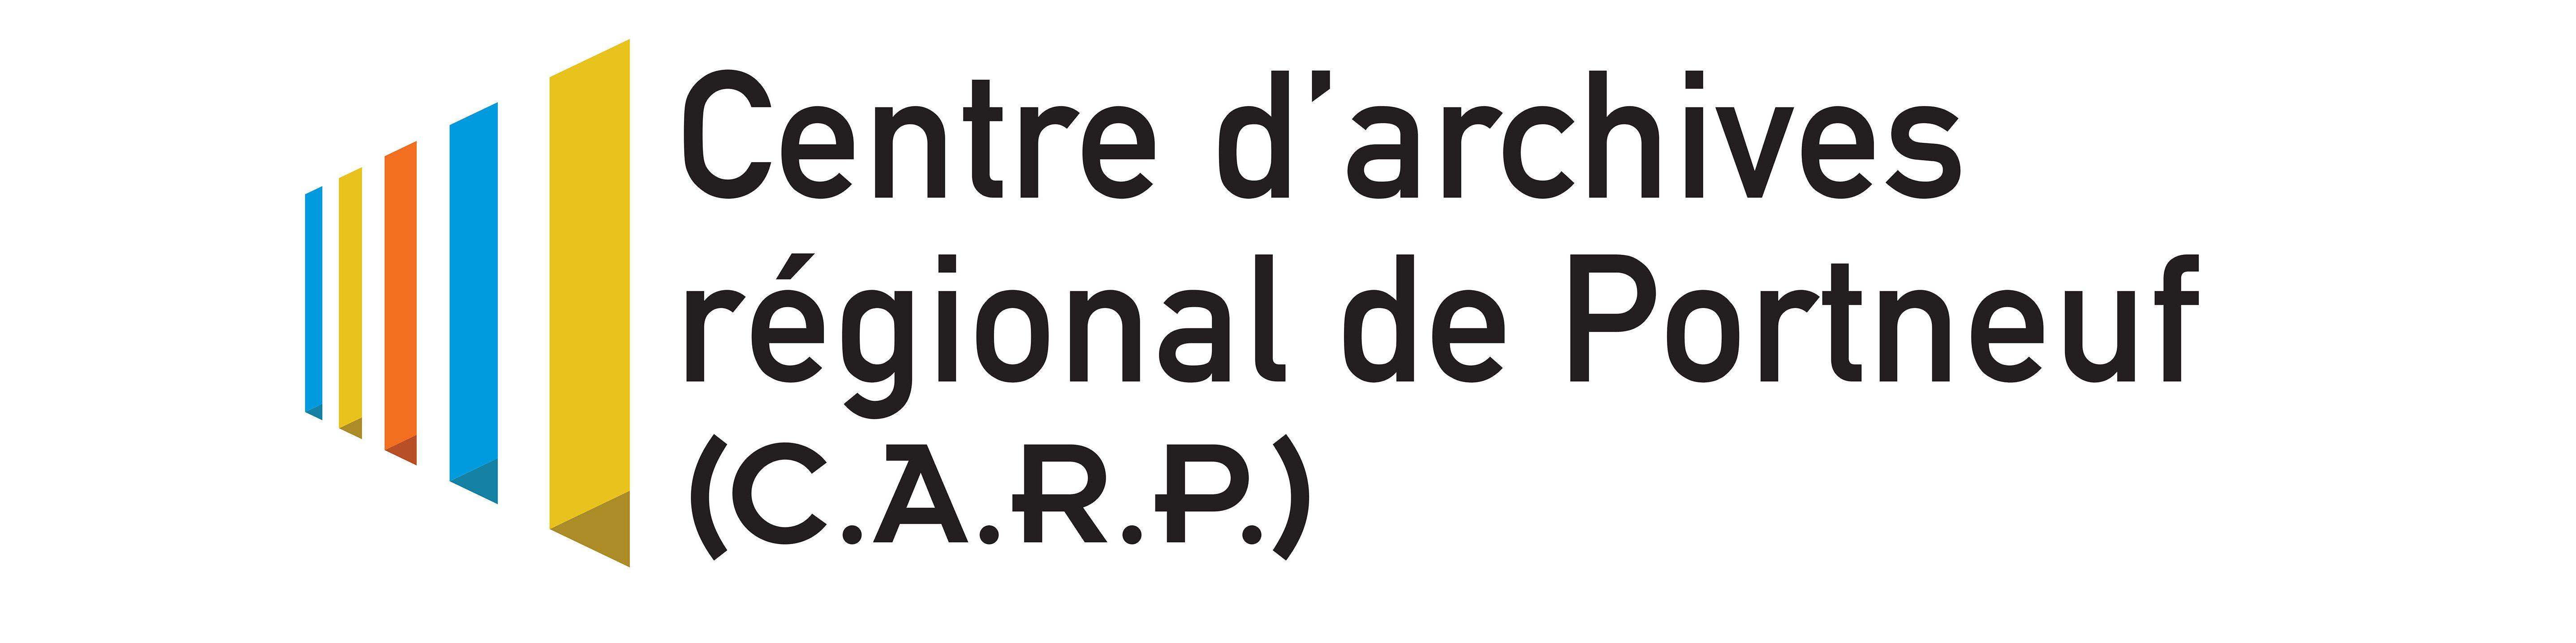 Centre d'archives régional de Portneuf